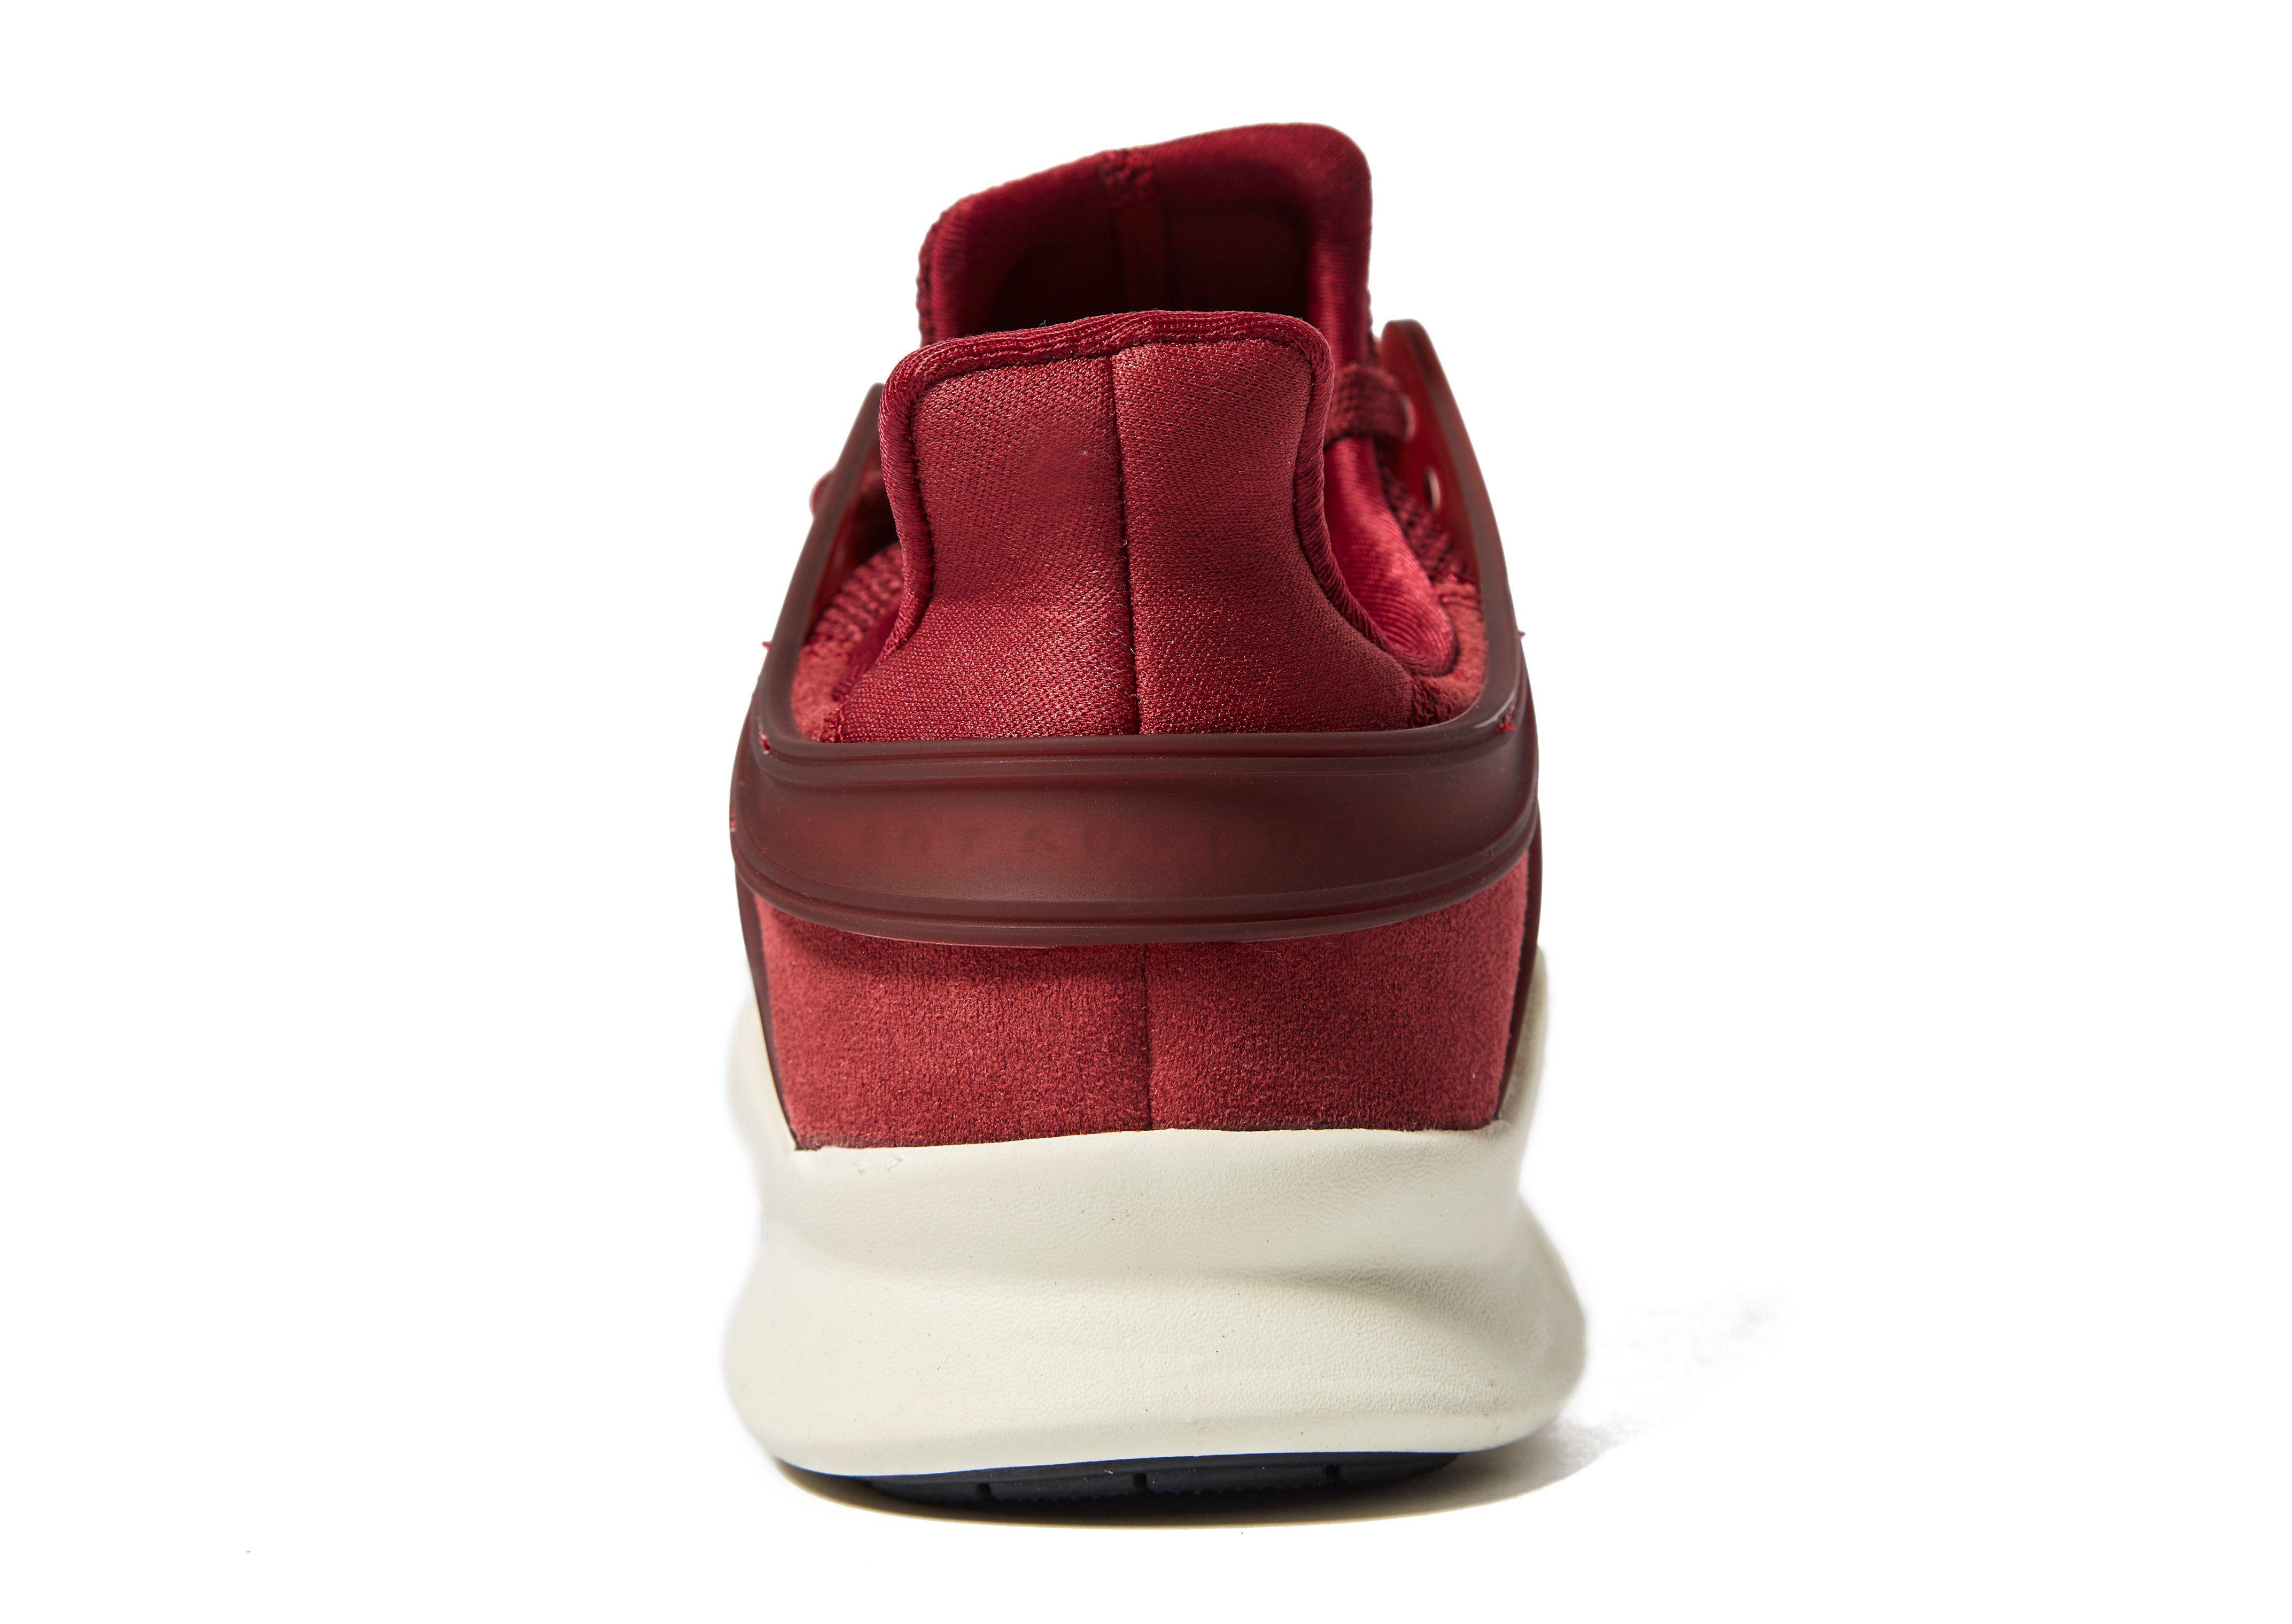 adidas Originals EQT Support ADV Damen Rot Billig Verkauf Exklusiv Günstig Kaufen Neue Erkunden Günstigen Preis Outlet Mode-Stil I4lZniN